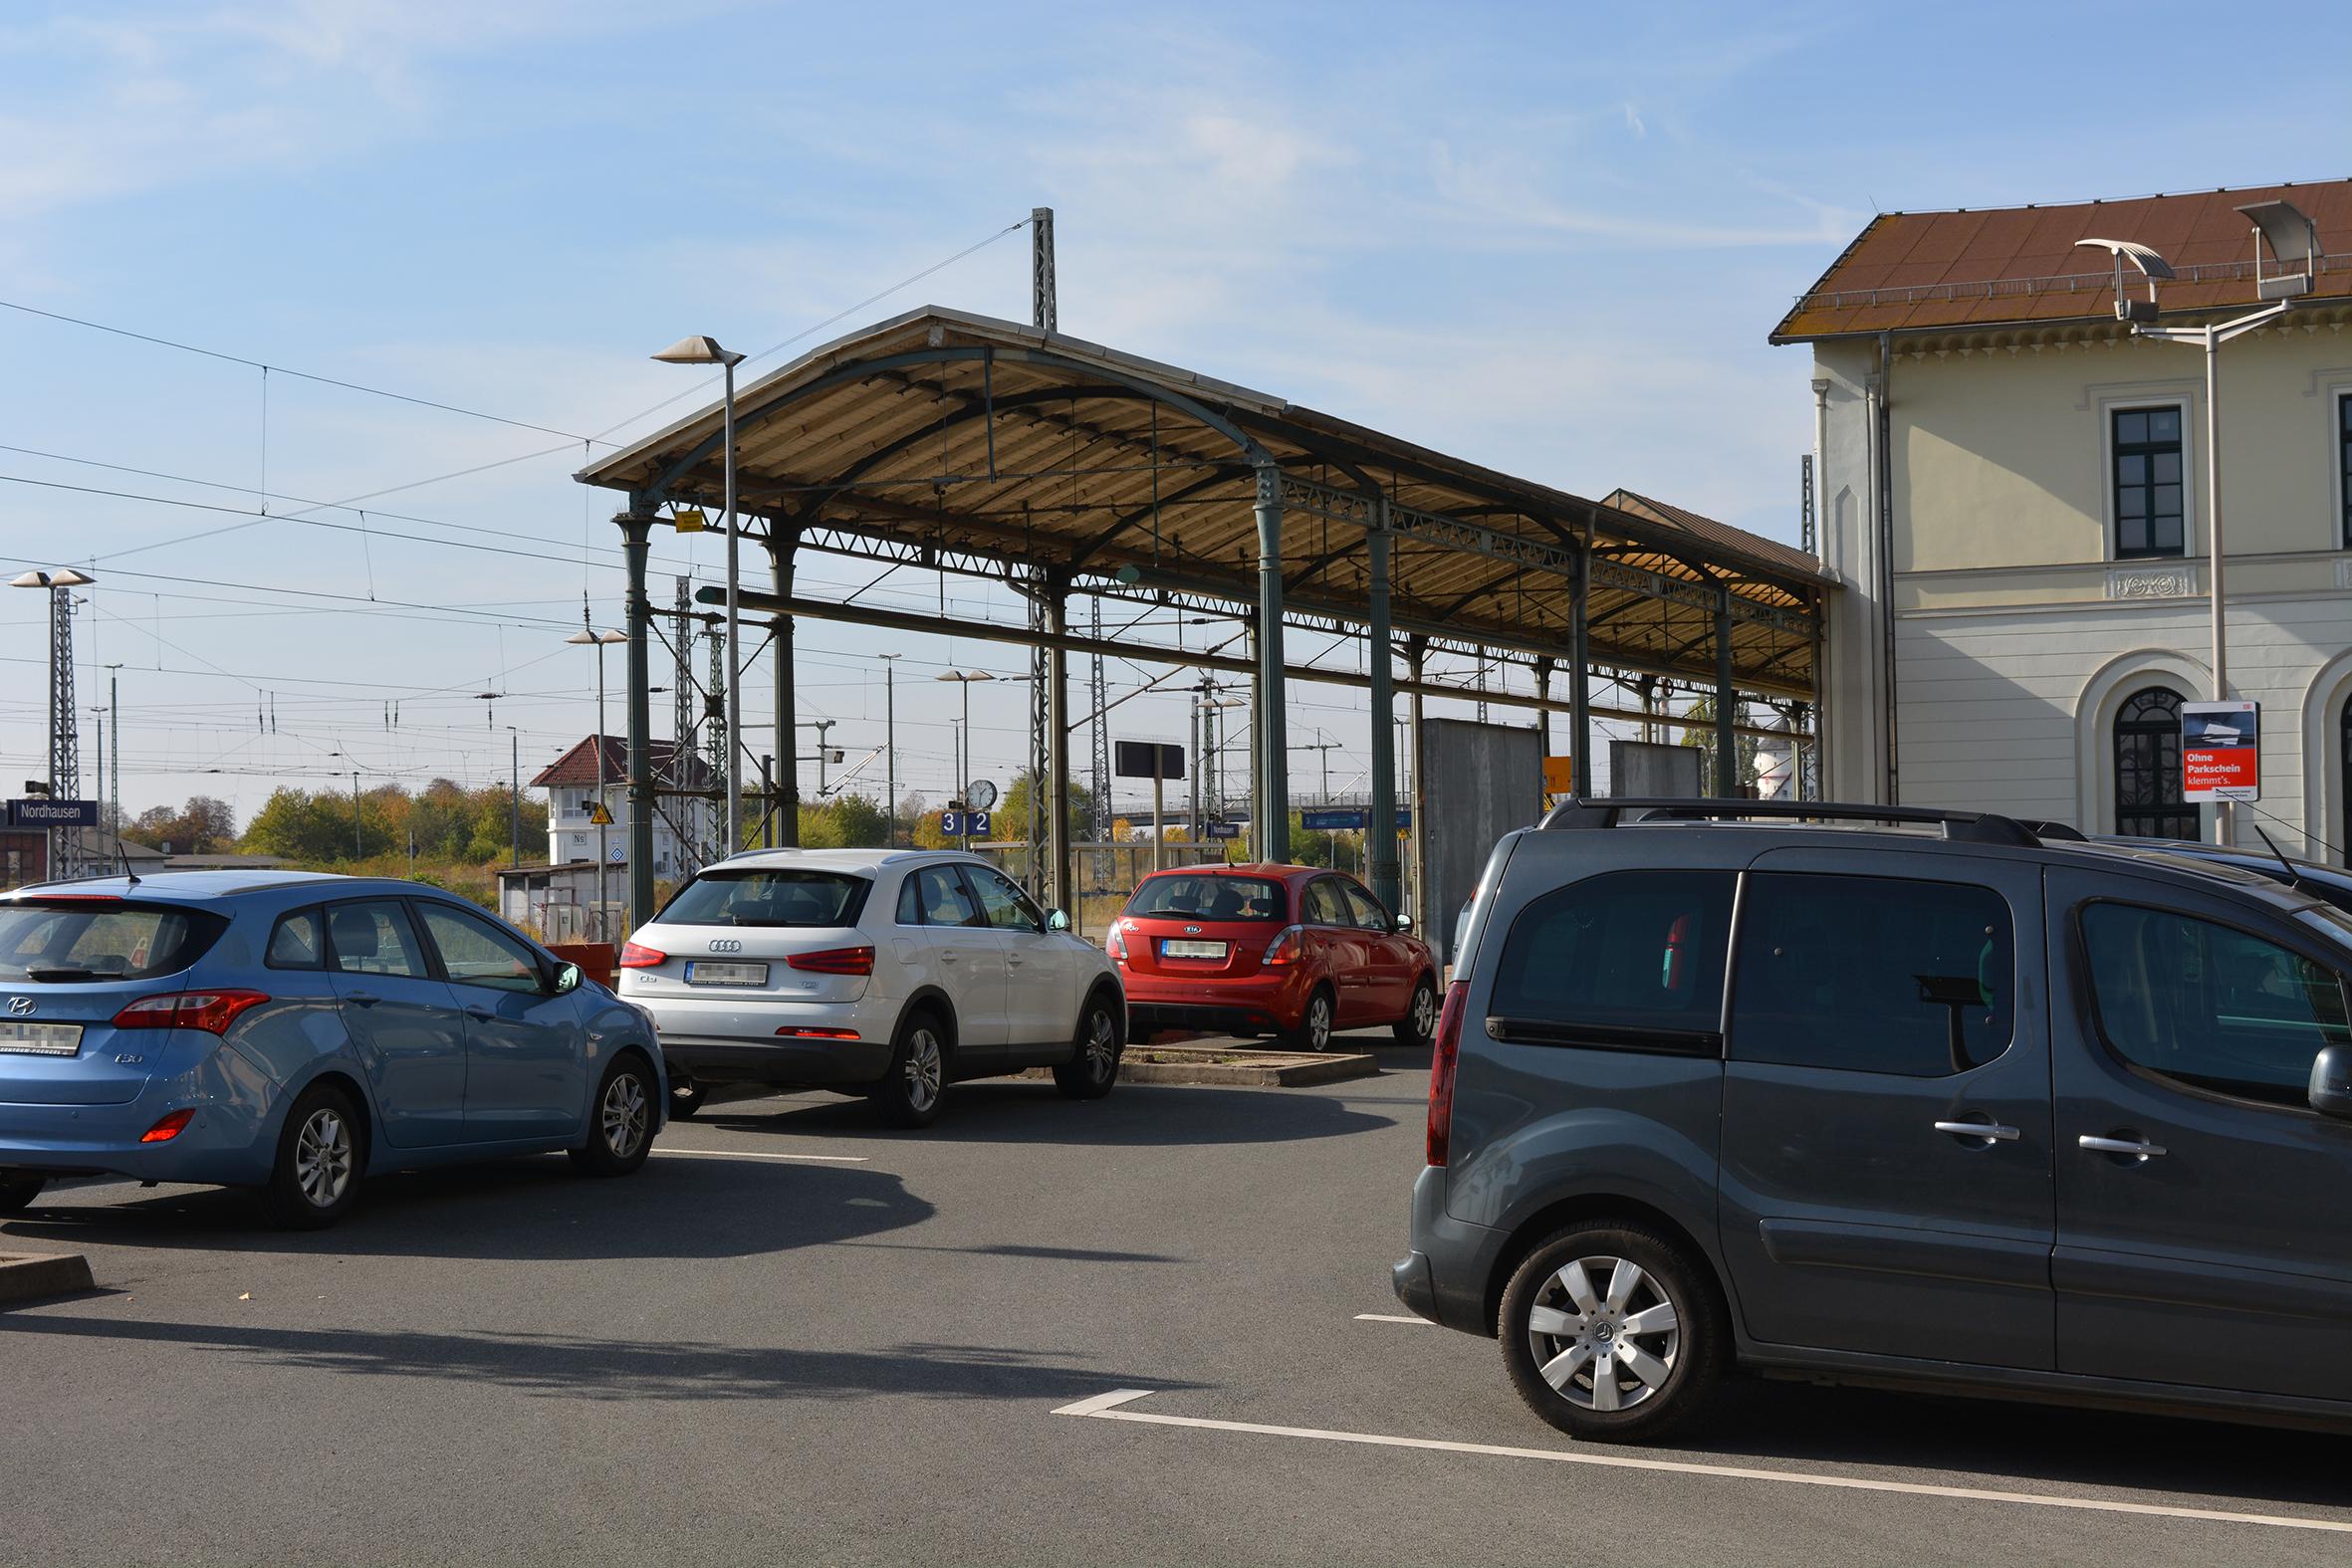 Train station Nordhausen